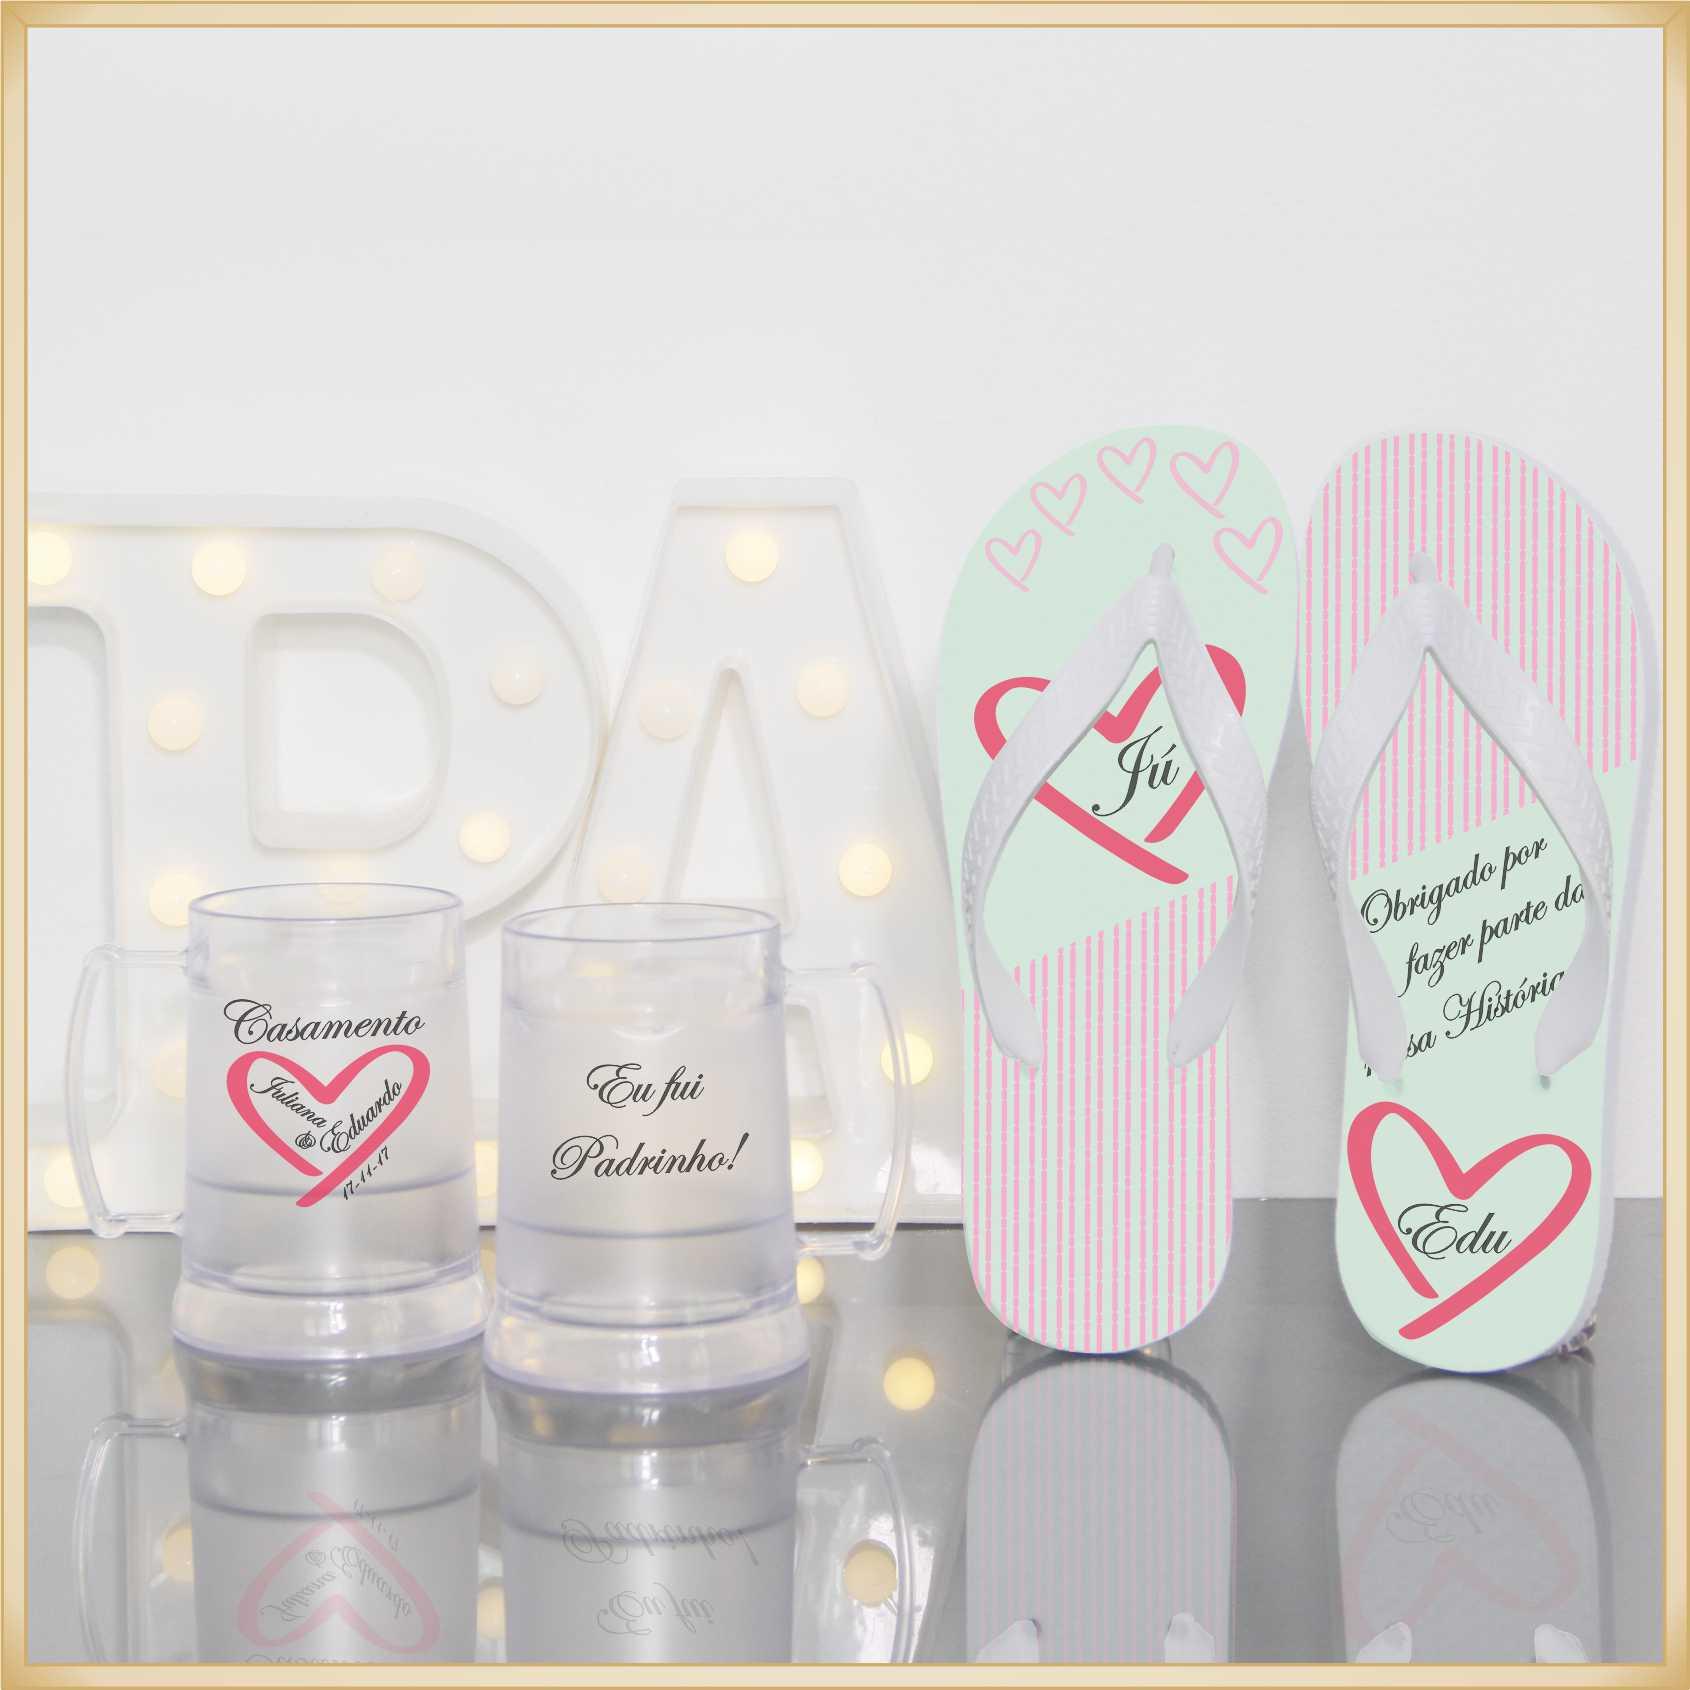 Kit de lembrancinhas para padrinhos de casamento - Chinelos e Canecas Gel - Kit com 05 unidades de cada